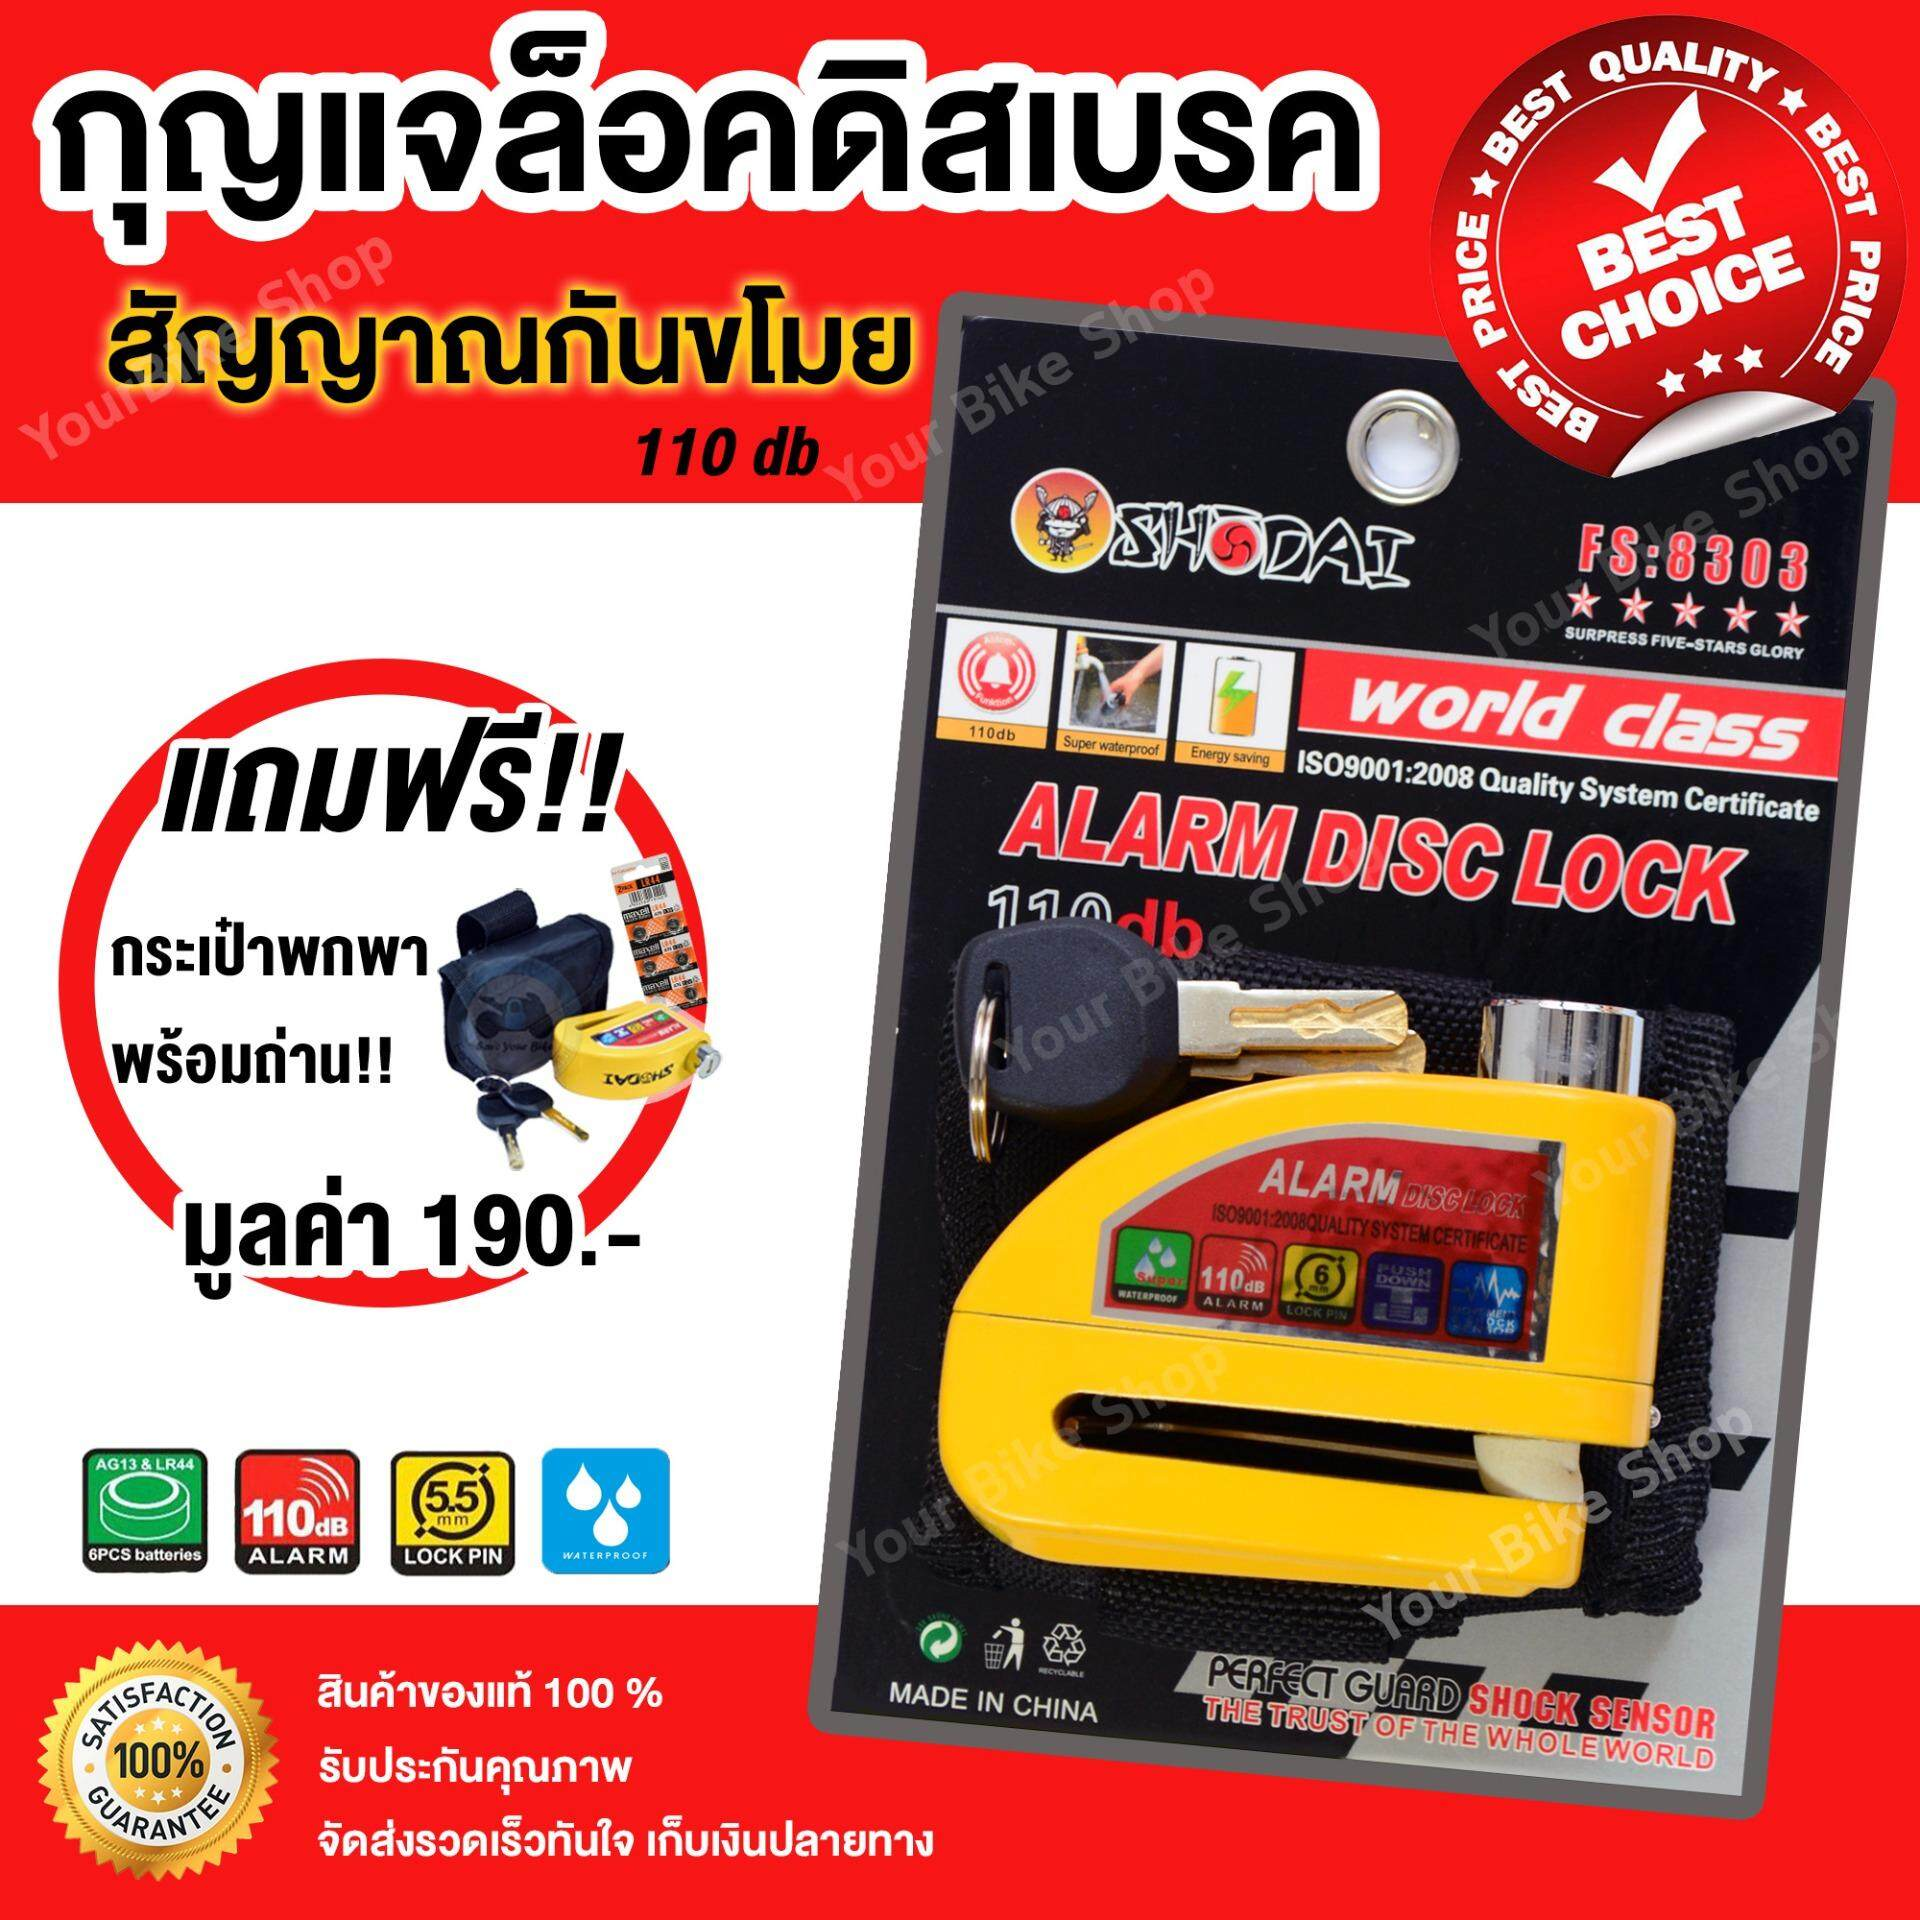 ซื้อ กุญแจ ล็อคดิส ล็อคดิสเบรค รถจักรยานยนต์ มอเตอร์ไซด์ รุ่นแบบมีเสียง กันขโมย Shodai Alarm Lock Disc 110 Db Red ถูก Thailand